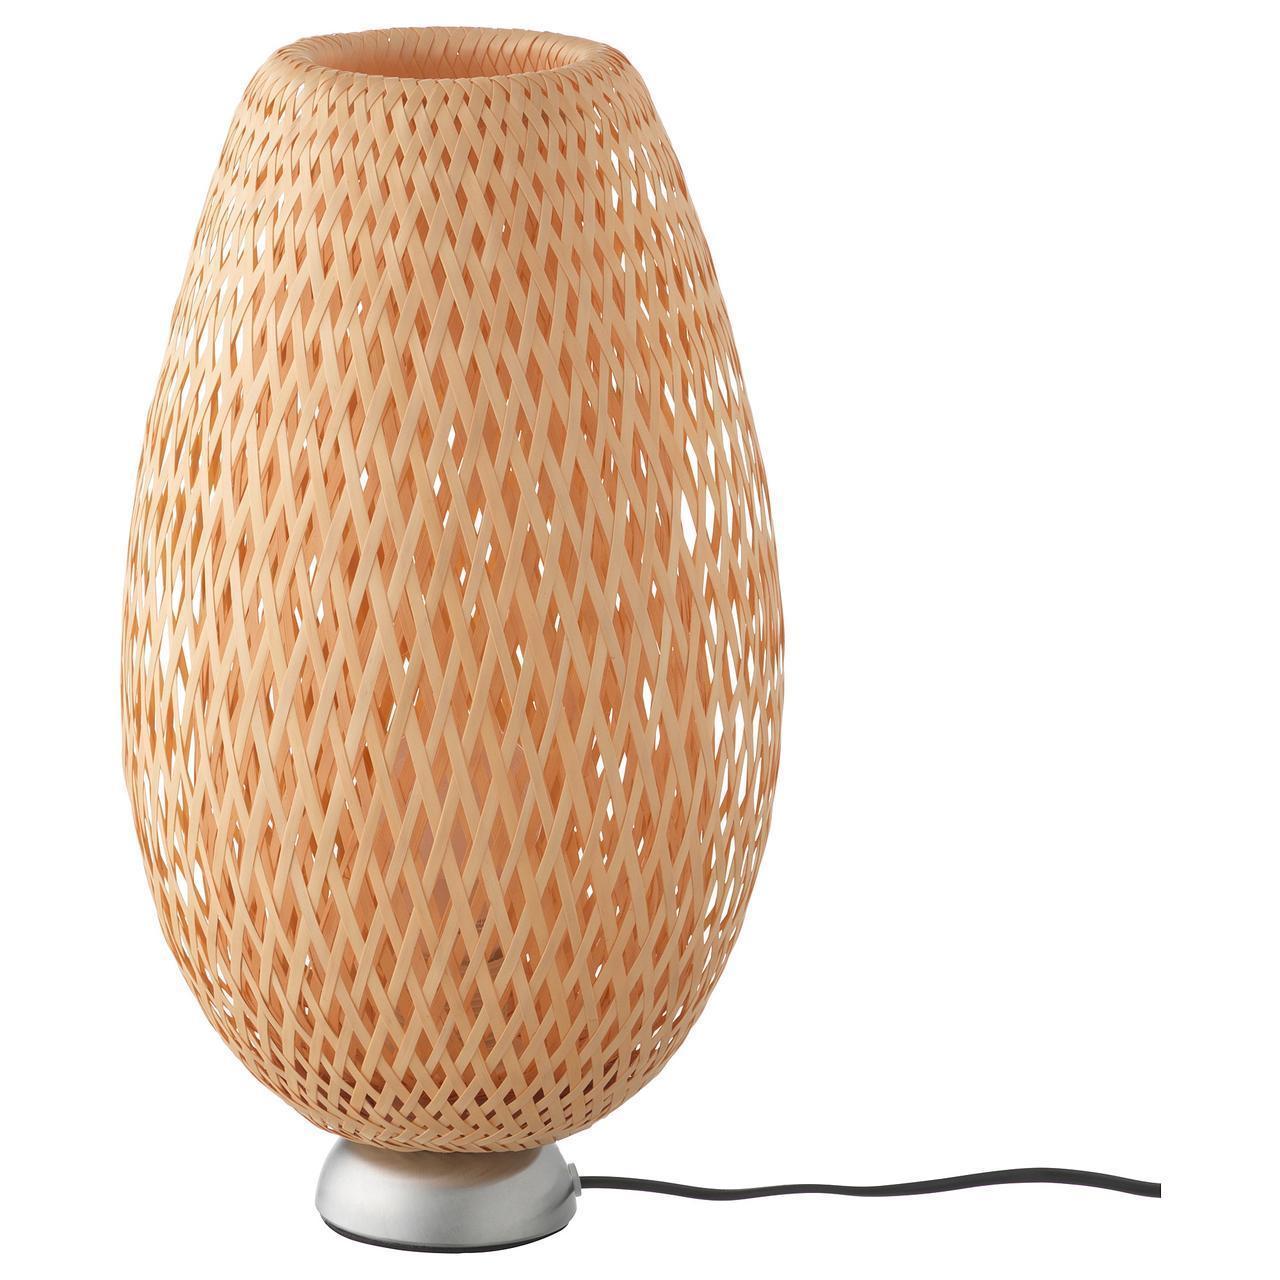 IKEA BOJA Наcтольная лампа, никелированная, бамбук ротанг  (601.522.79)